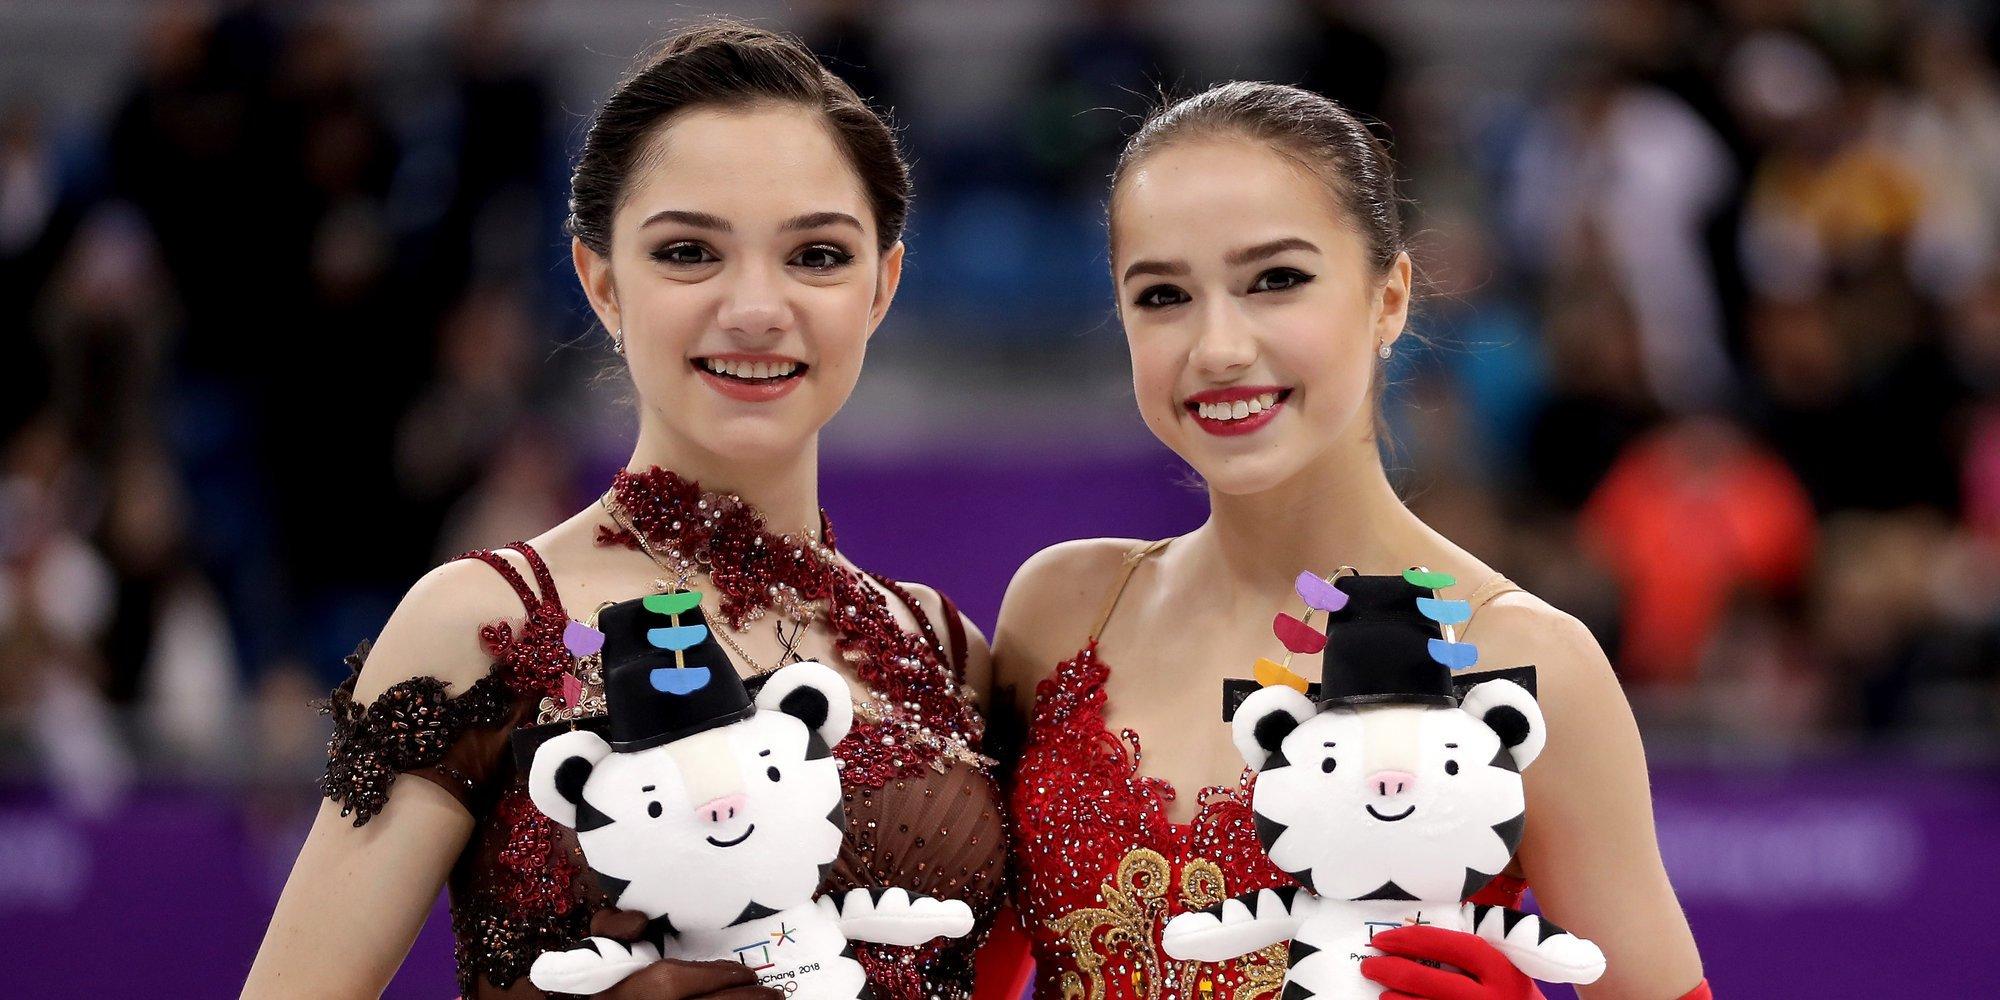 Ковтун о возвращении на лед Медведевой и Загитовой: думаю, что у них уже началась другая жизнь